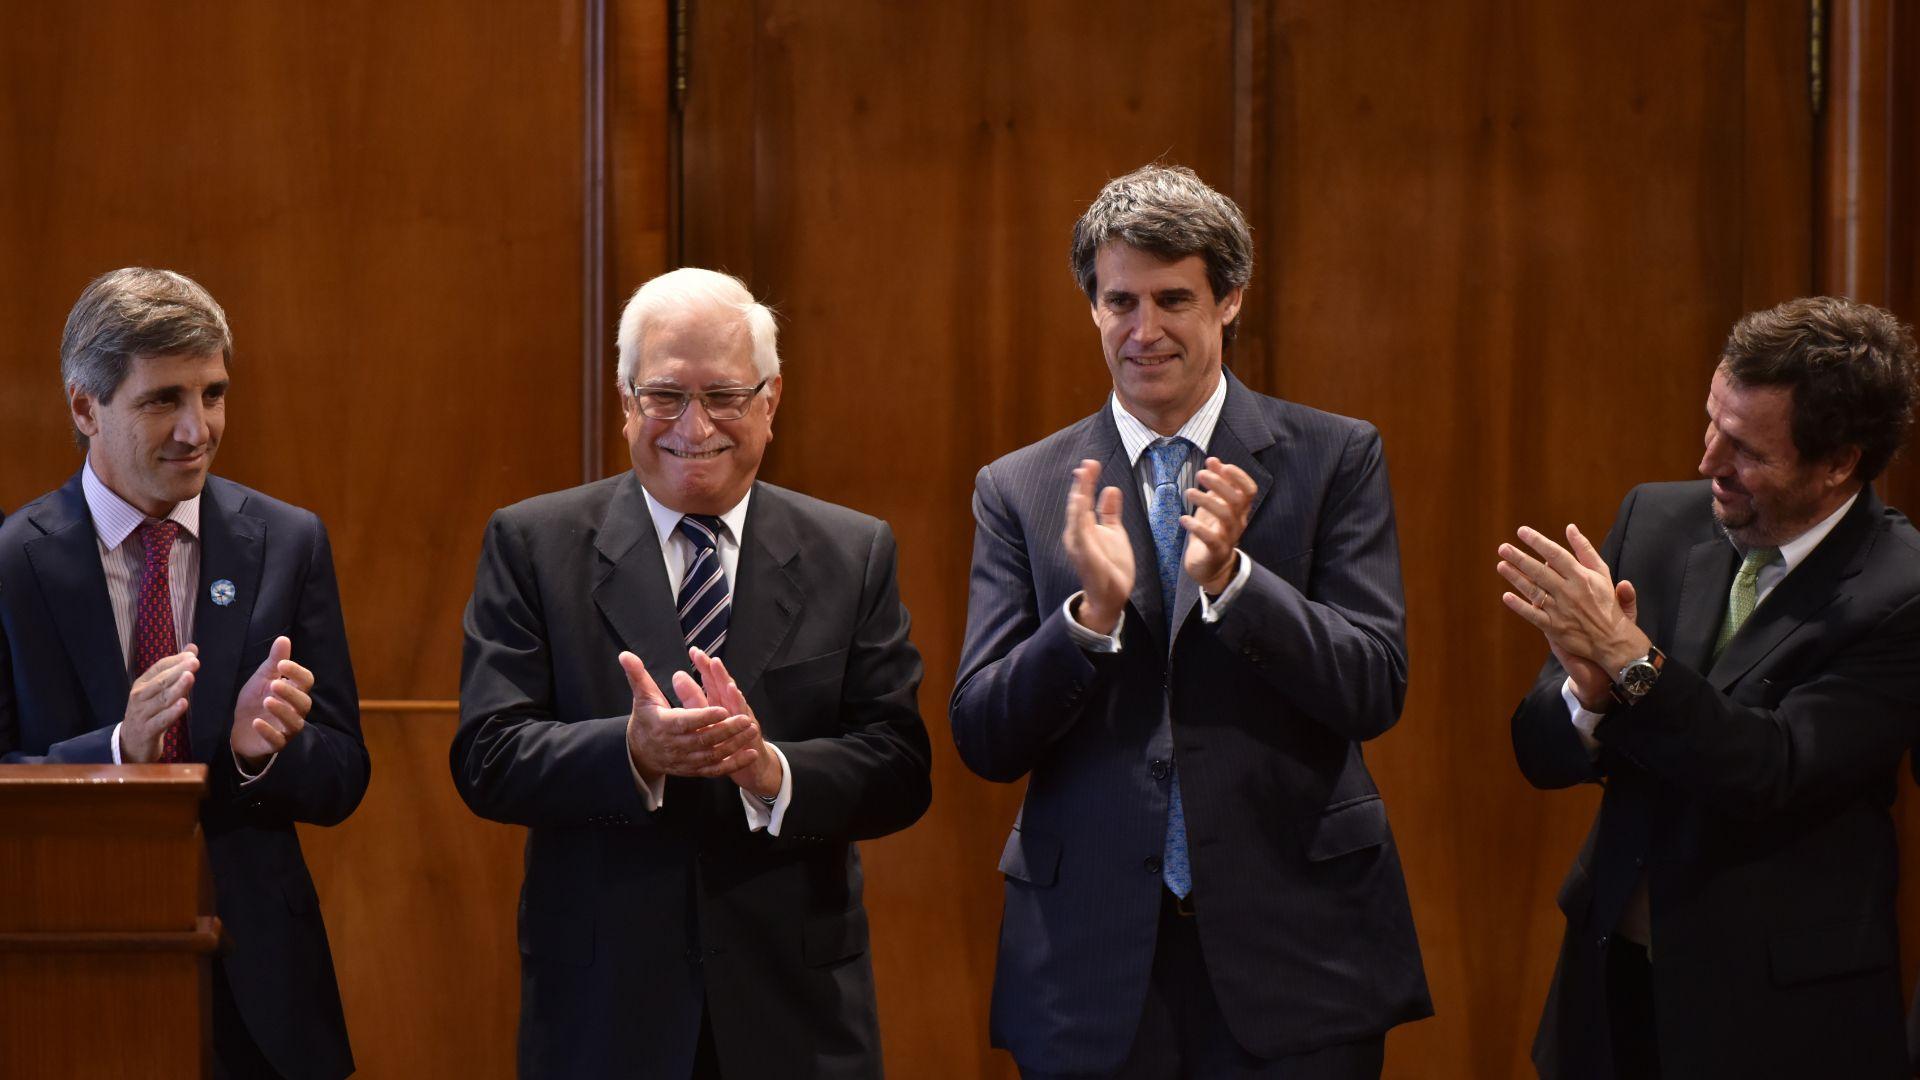 El día que Todesca asumió como titular del INDEC. Lo aplauden el por entonces ministro de Economía, Alfonso Prat Gay, y parte de su equipo, Luis Caputo y Pedro Lacoste. (Adrián Escandar)